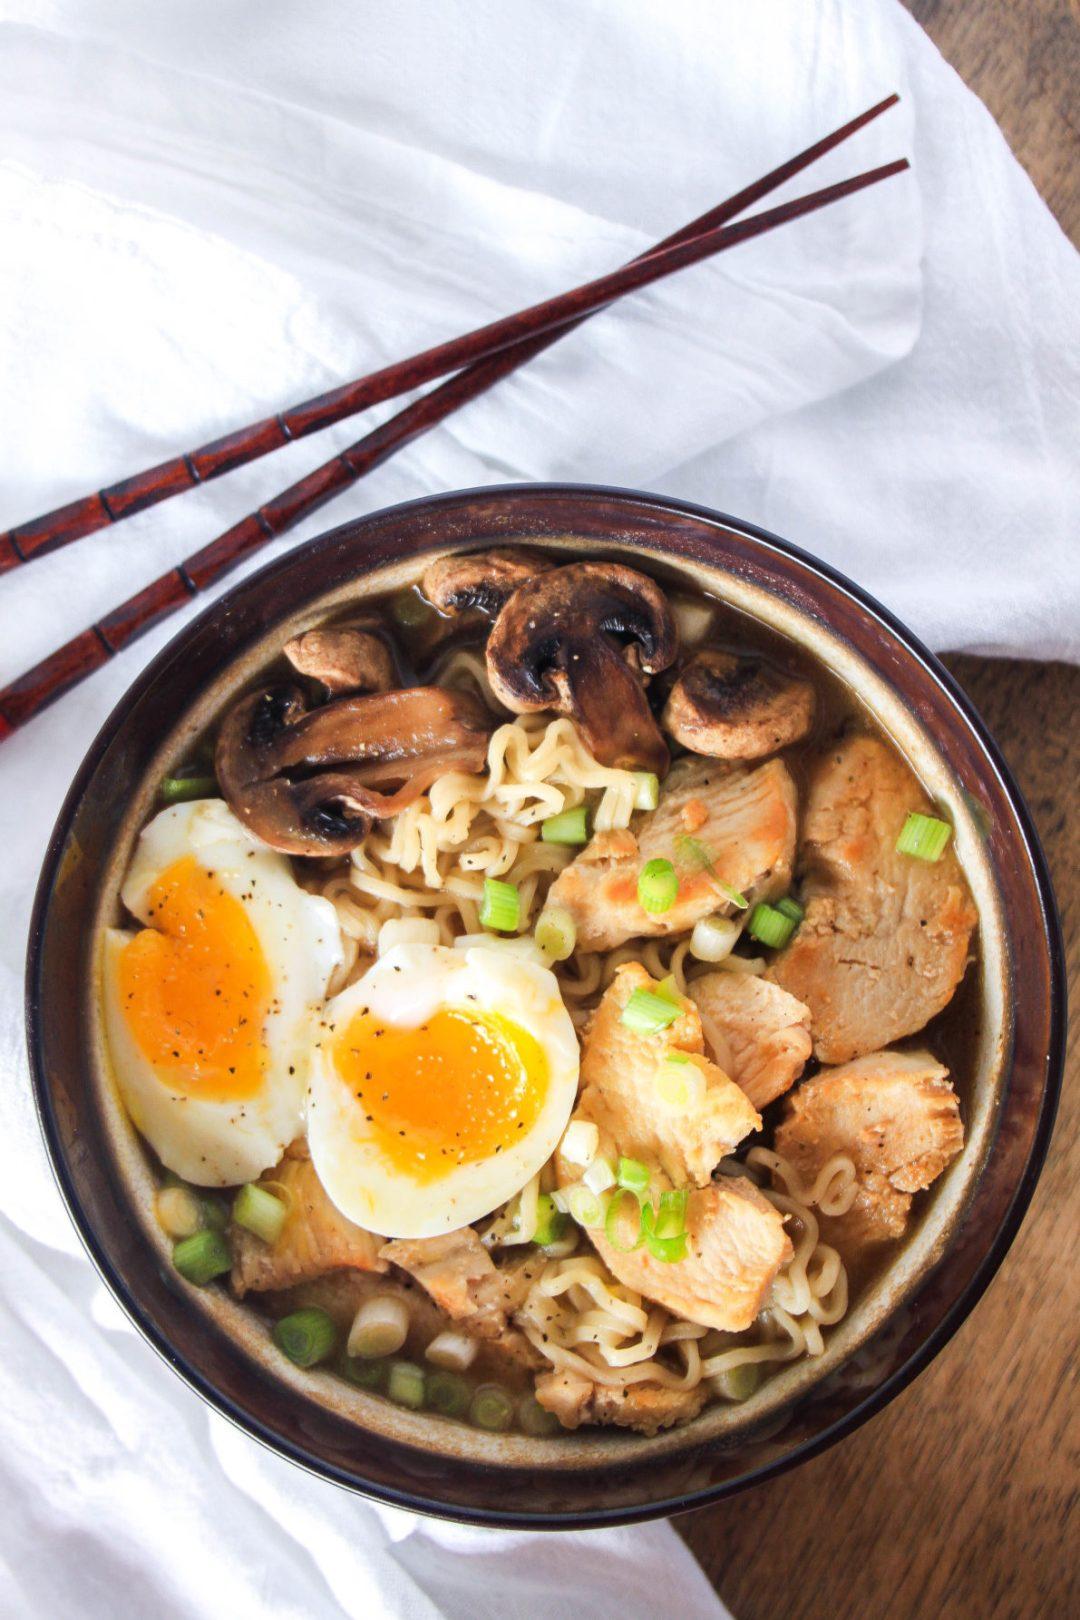 30 Healthy Ramen Noodle Recipes - Japanese Ramen with Chicken via Wanderzest   https://www.roseclearfield.com